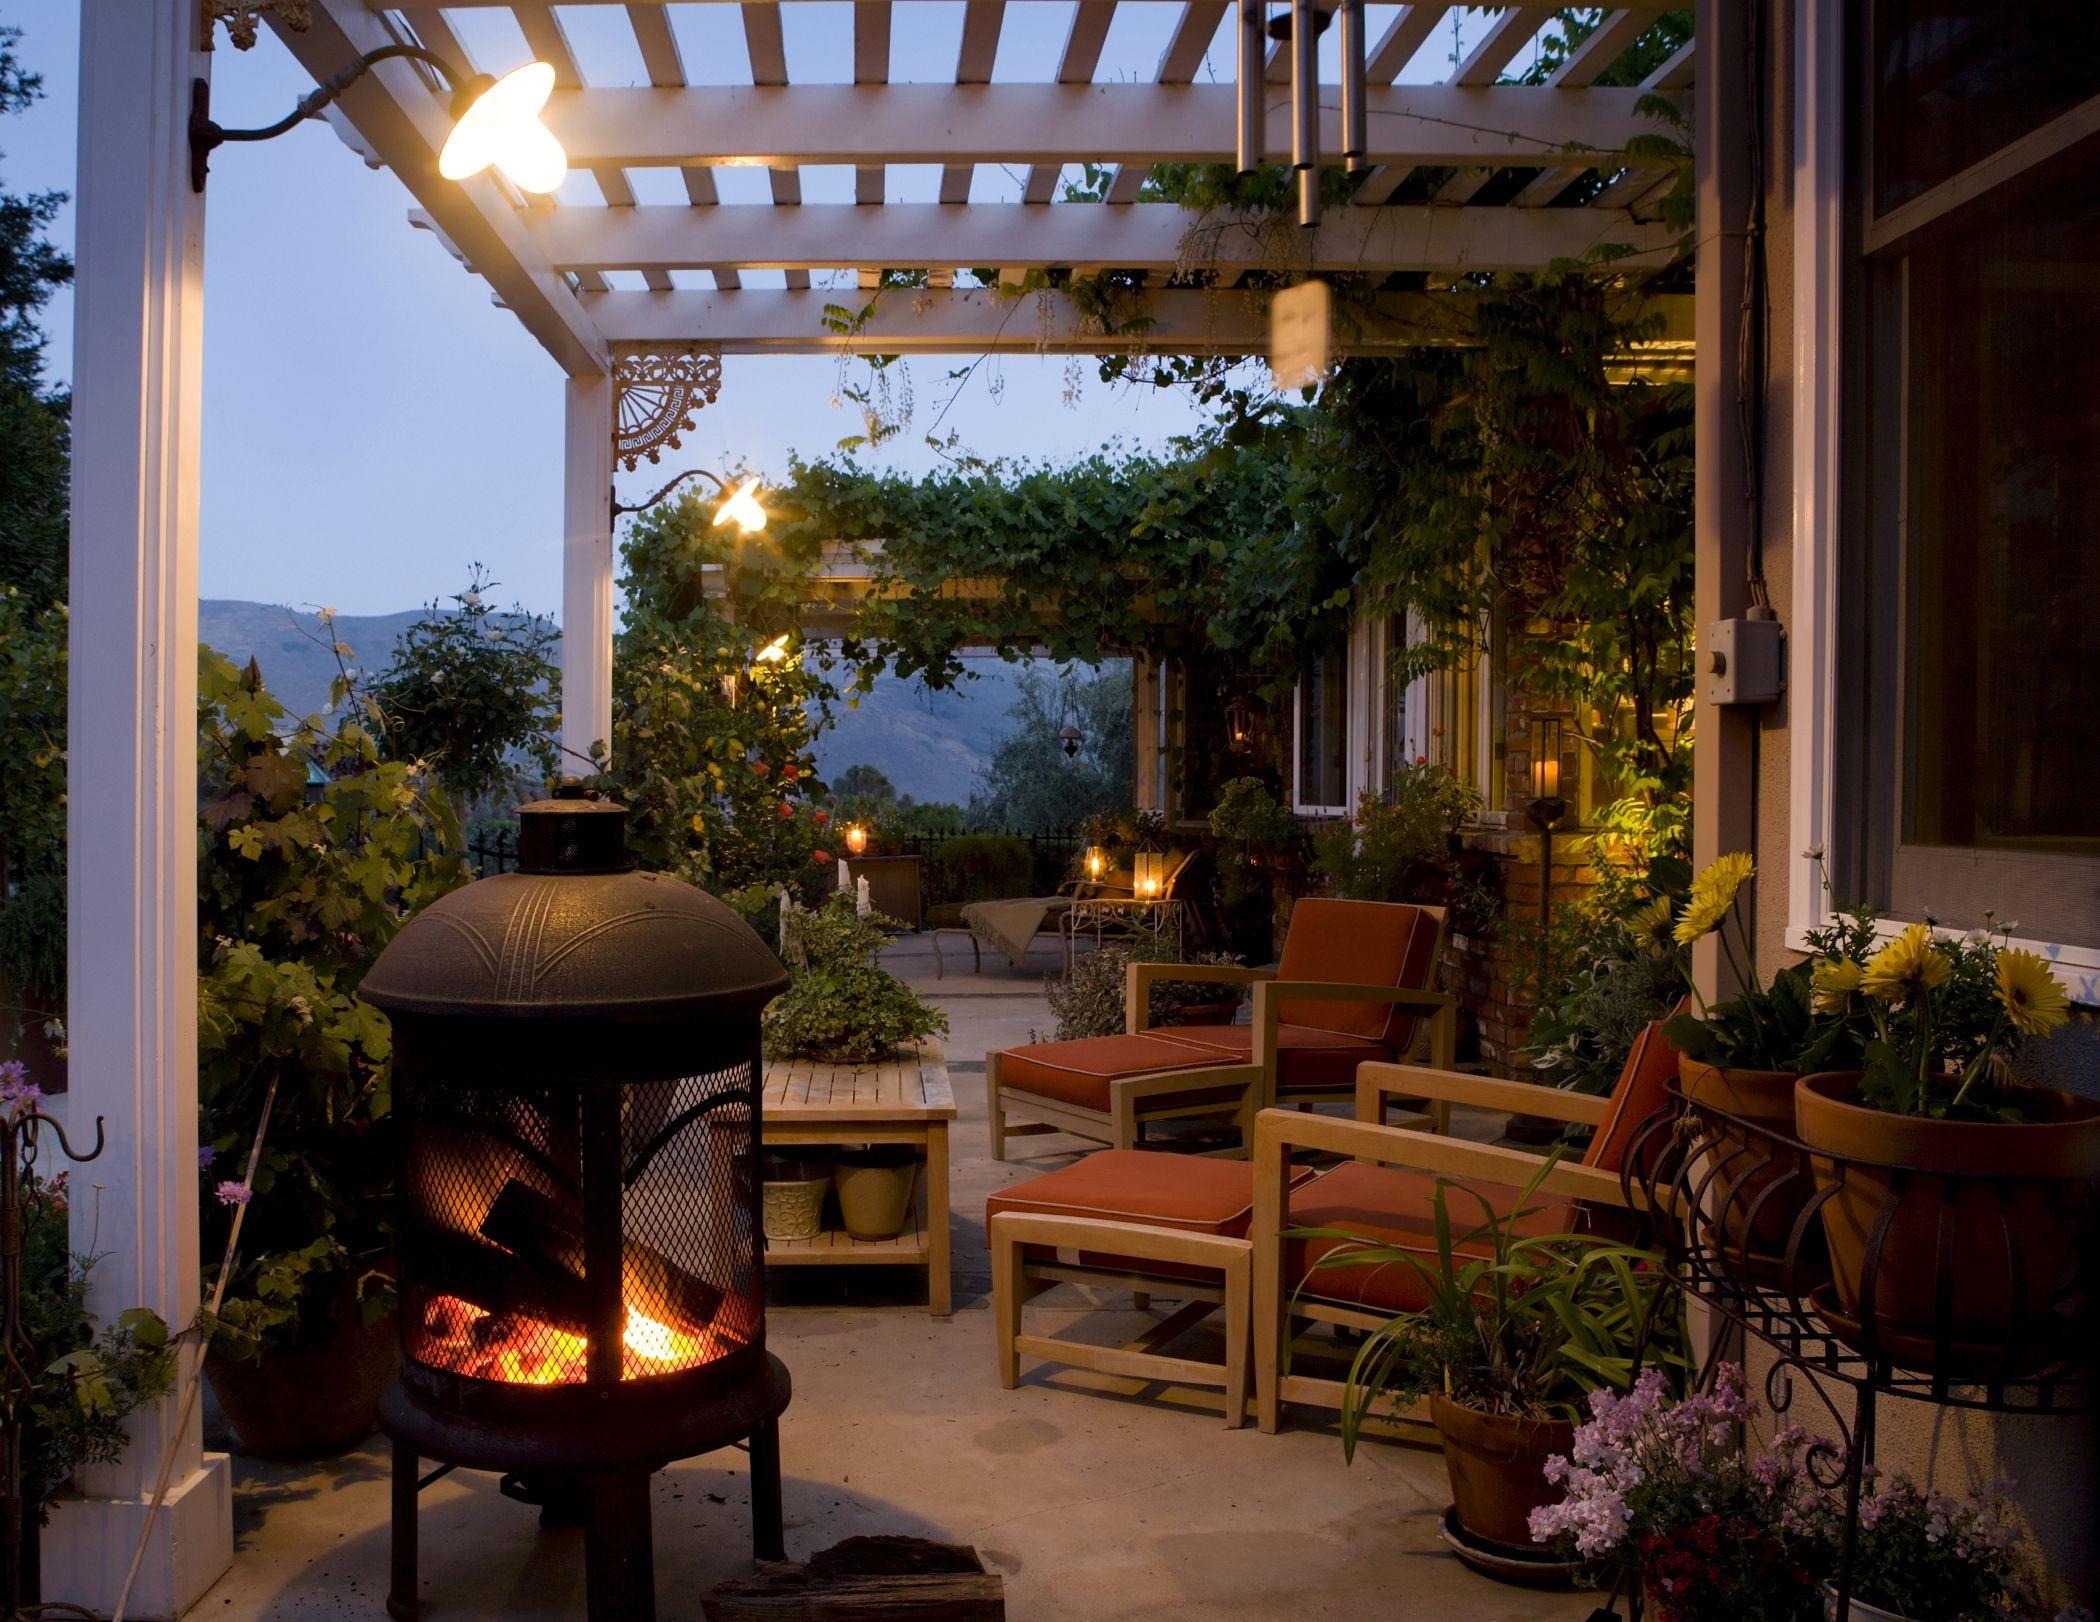 Equipamiento para la decoraci n de terrazas y jardines - Terrazas y jardines ...